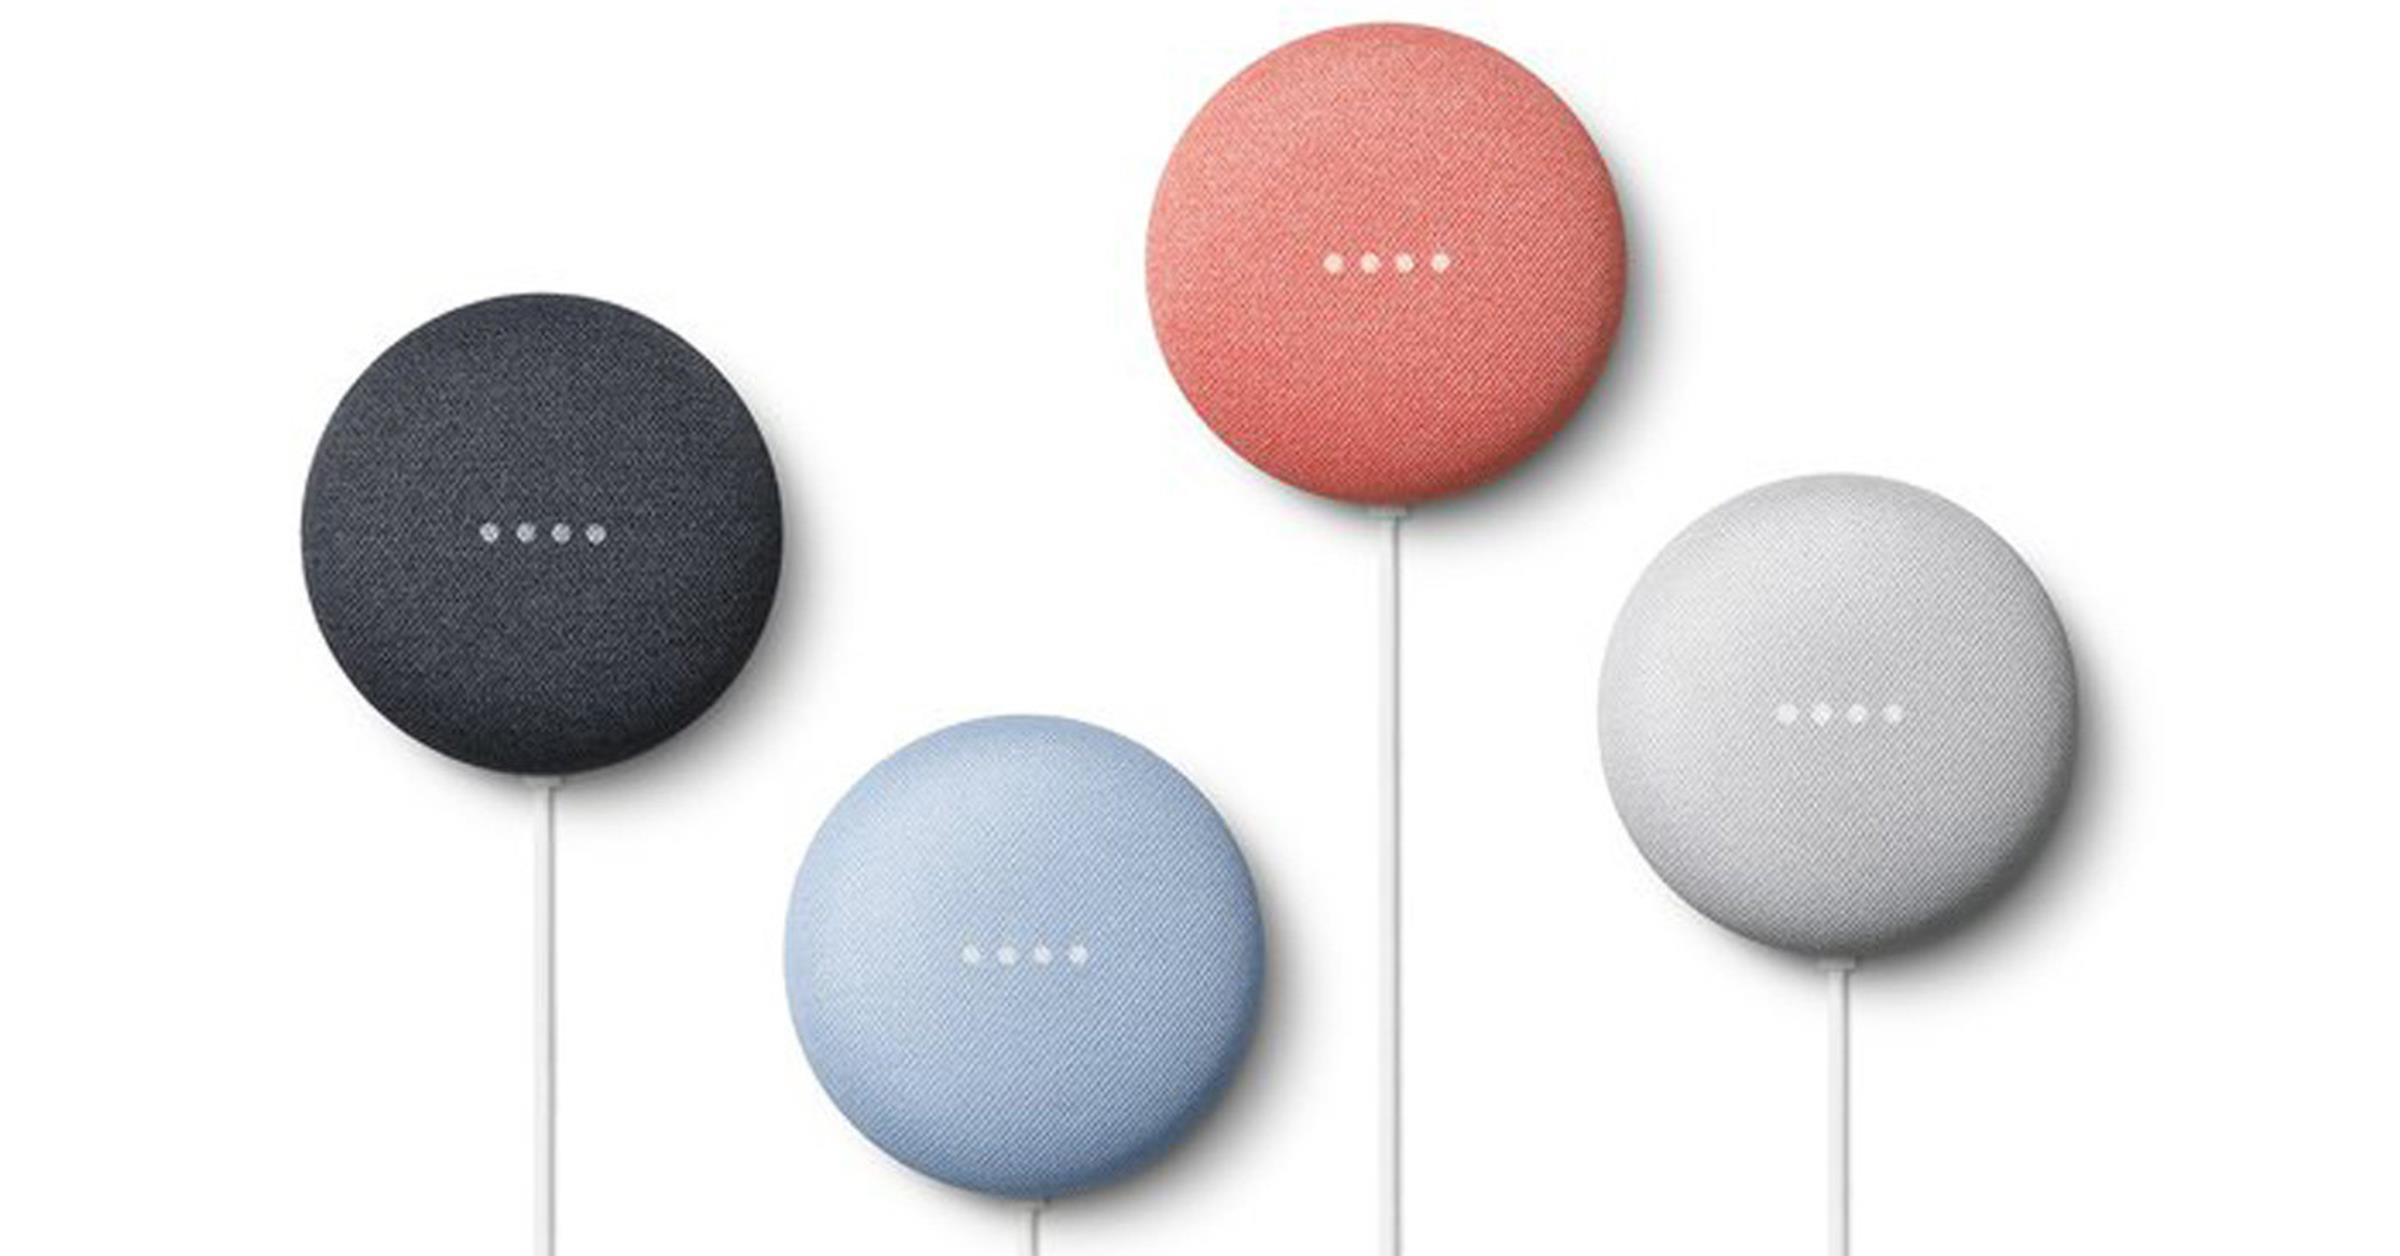 支援與 3,500 個品牌智慧家電連動,Google Nest Mini 智慧音箱即日起在台灣推出